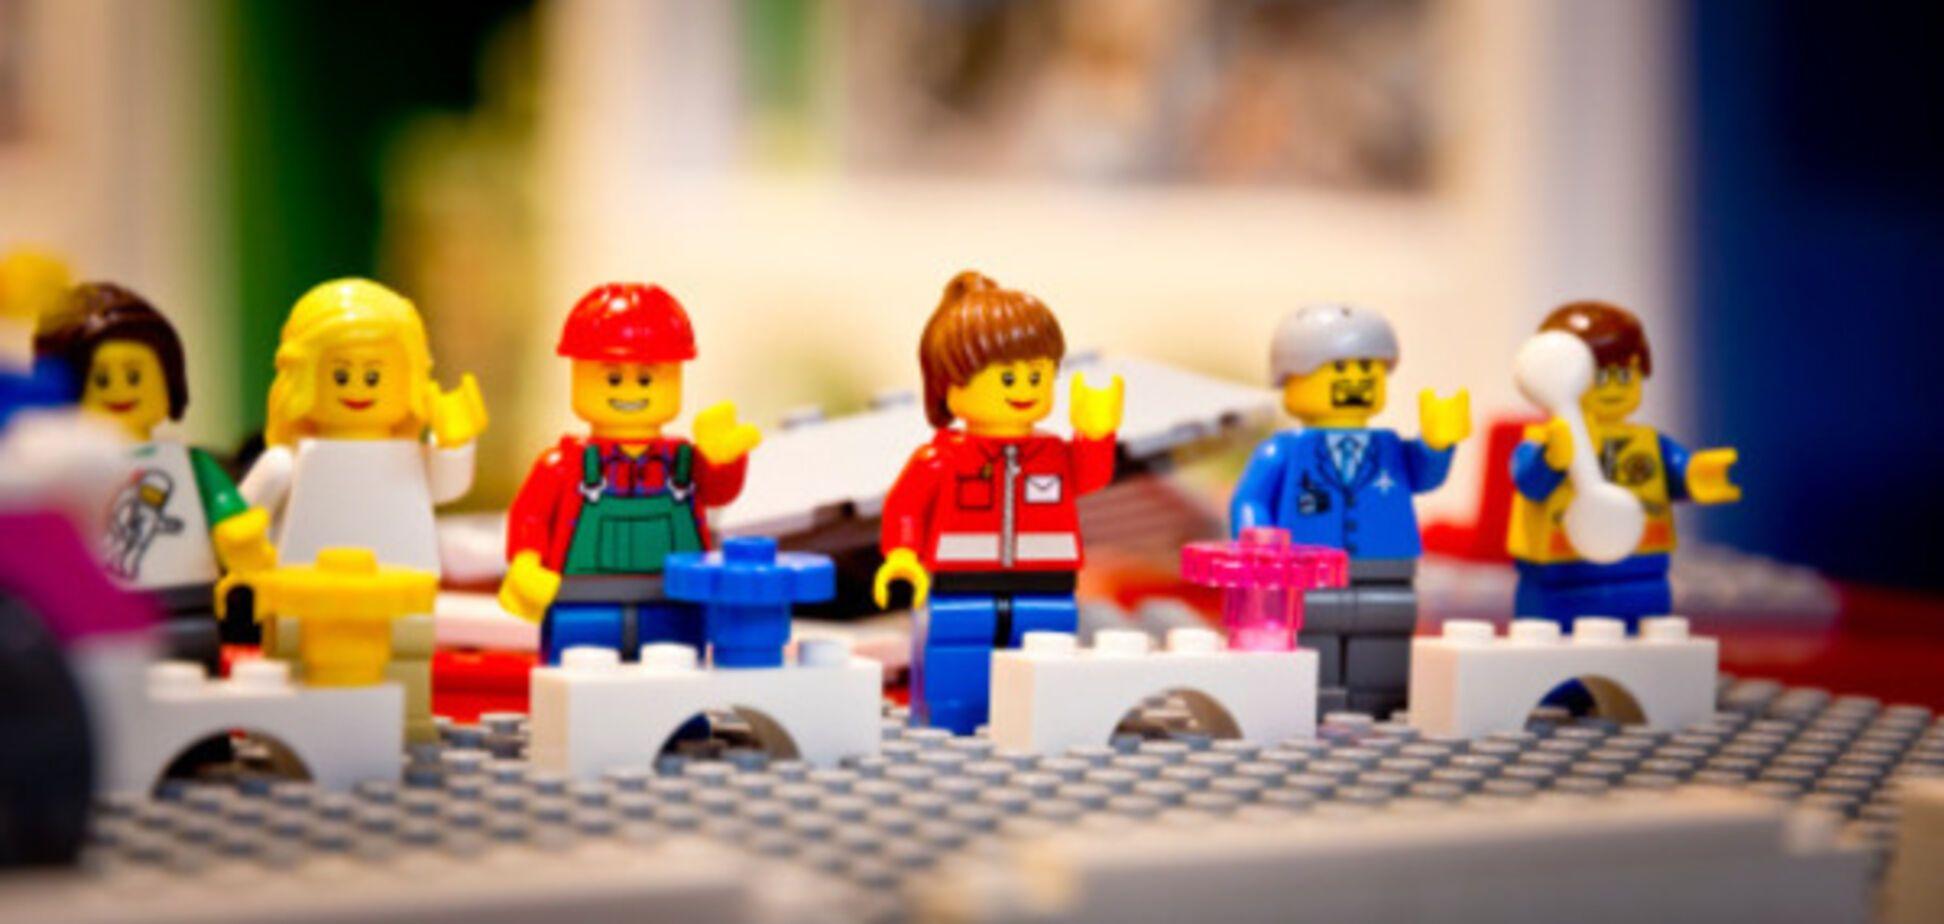 Instagram для детей: Lego запускает безопасную соцсеть